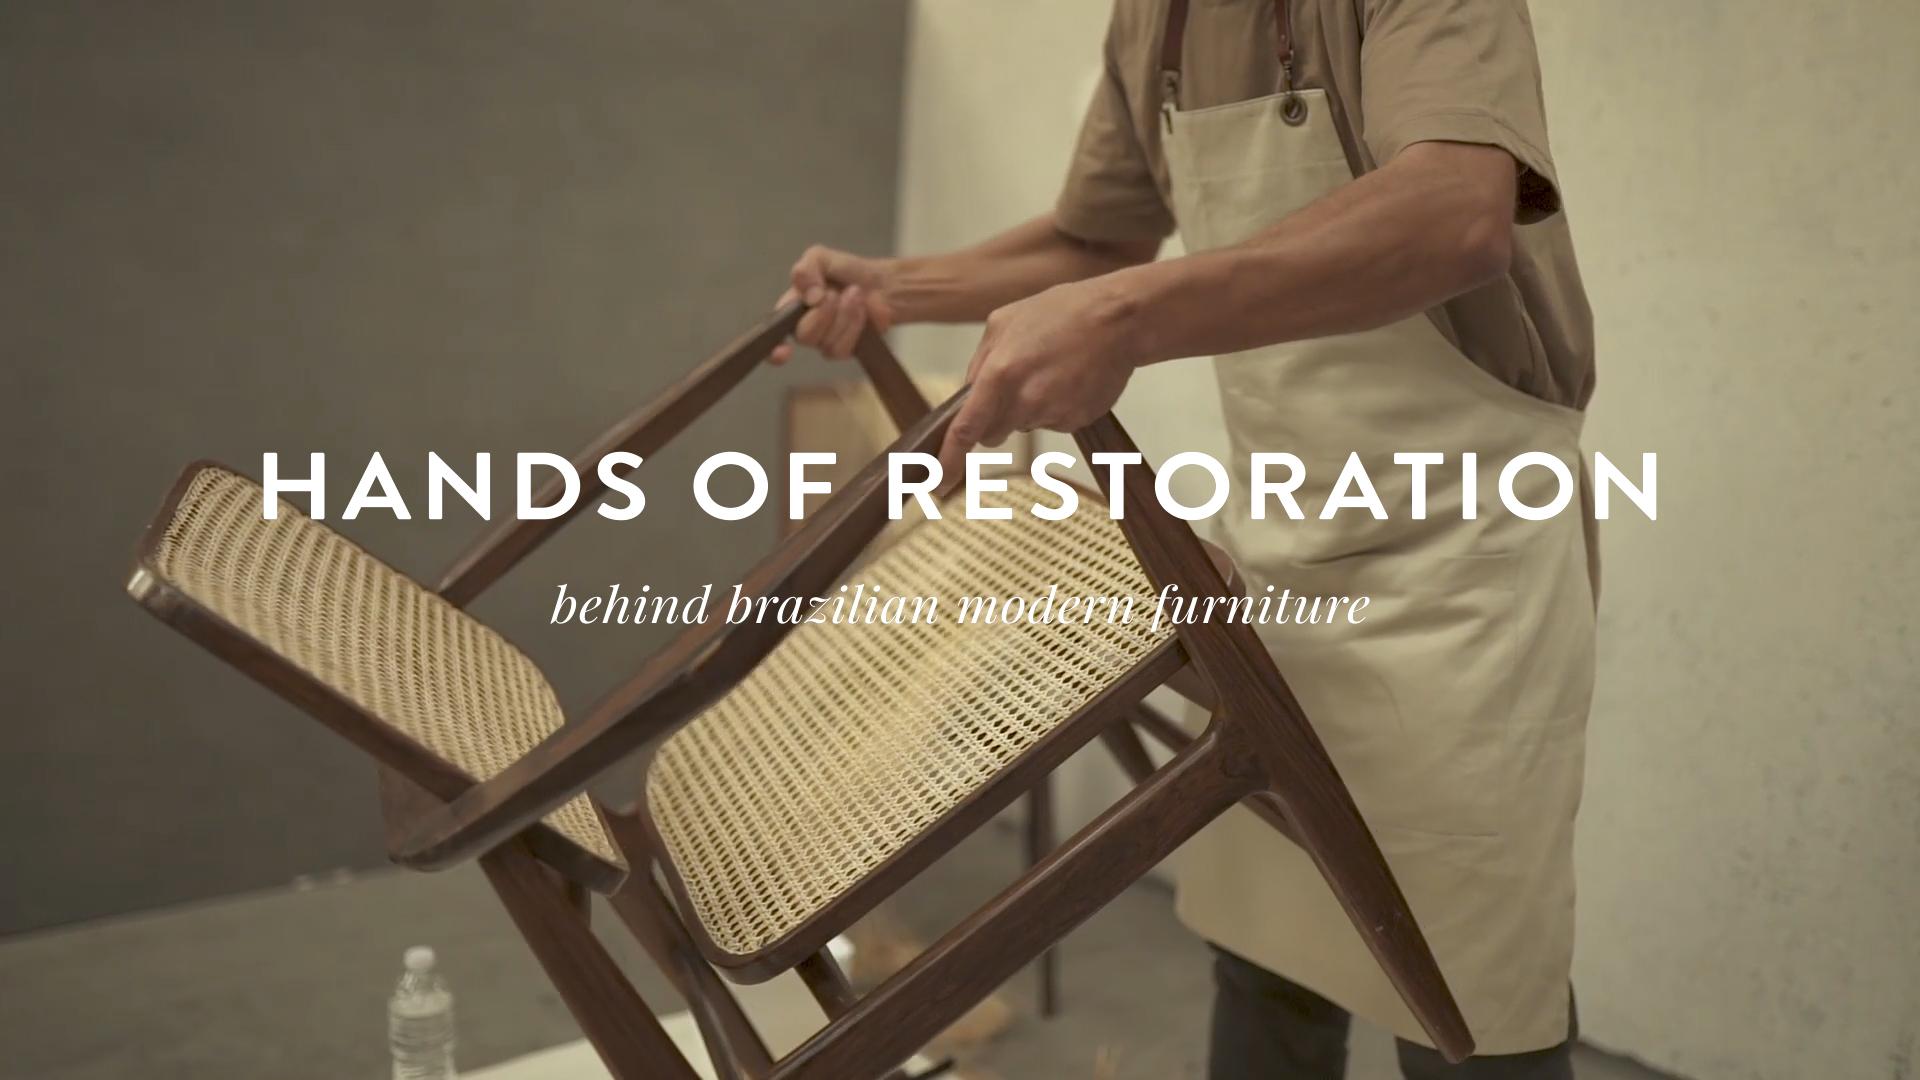 Original series: Hands of Restoration - A série pretende apresentar os artesãos responsáveis pela restauração nos múltiplos processos envolvidos no restauro de um móvel moderno. Além de abordar nuances e reflexões acerca do que se pretende em um processo de restauro.